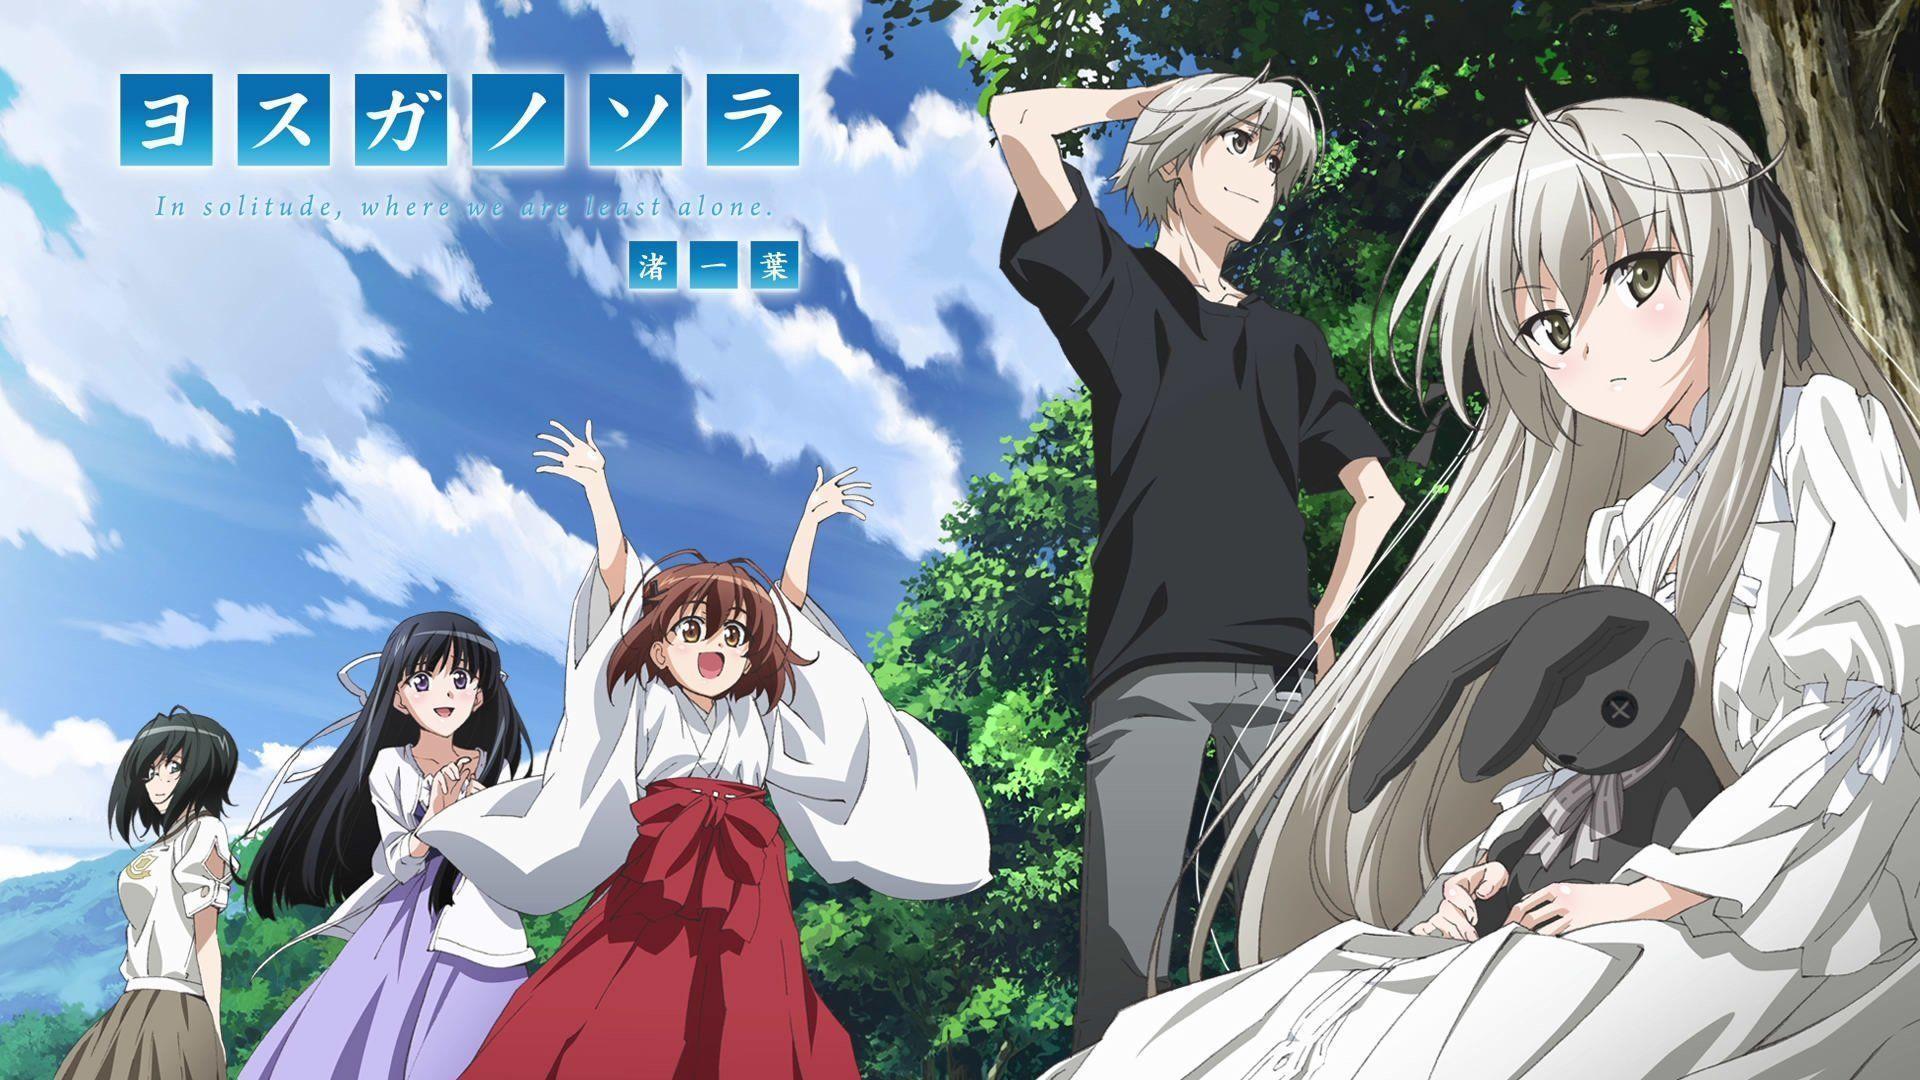 Ecchi anime like ishuzoku reviewers, Yosuga no Sora